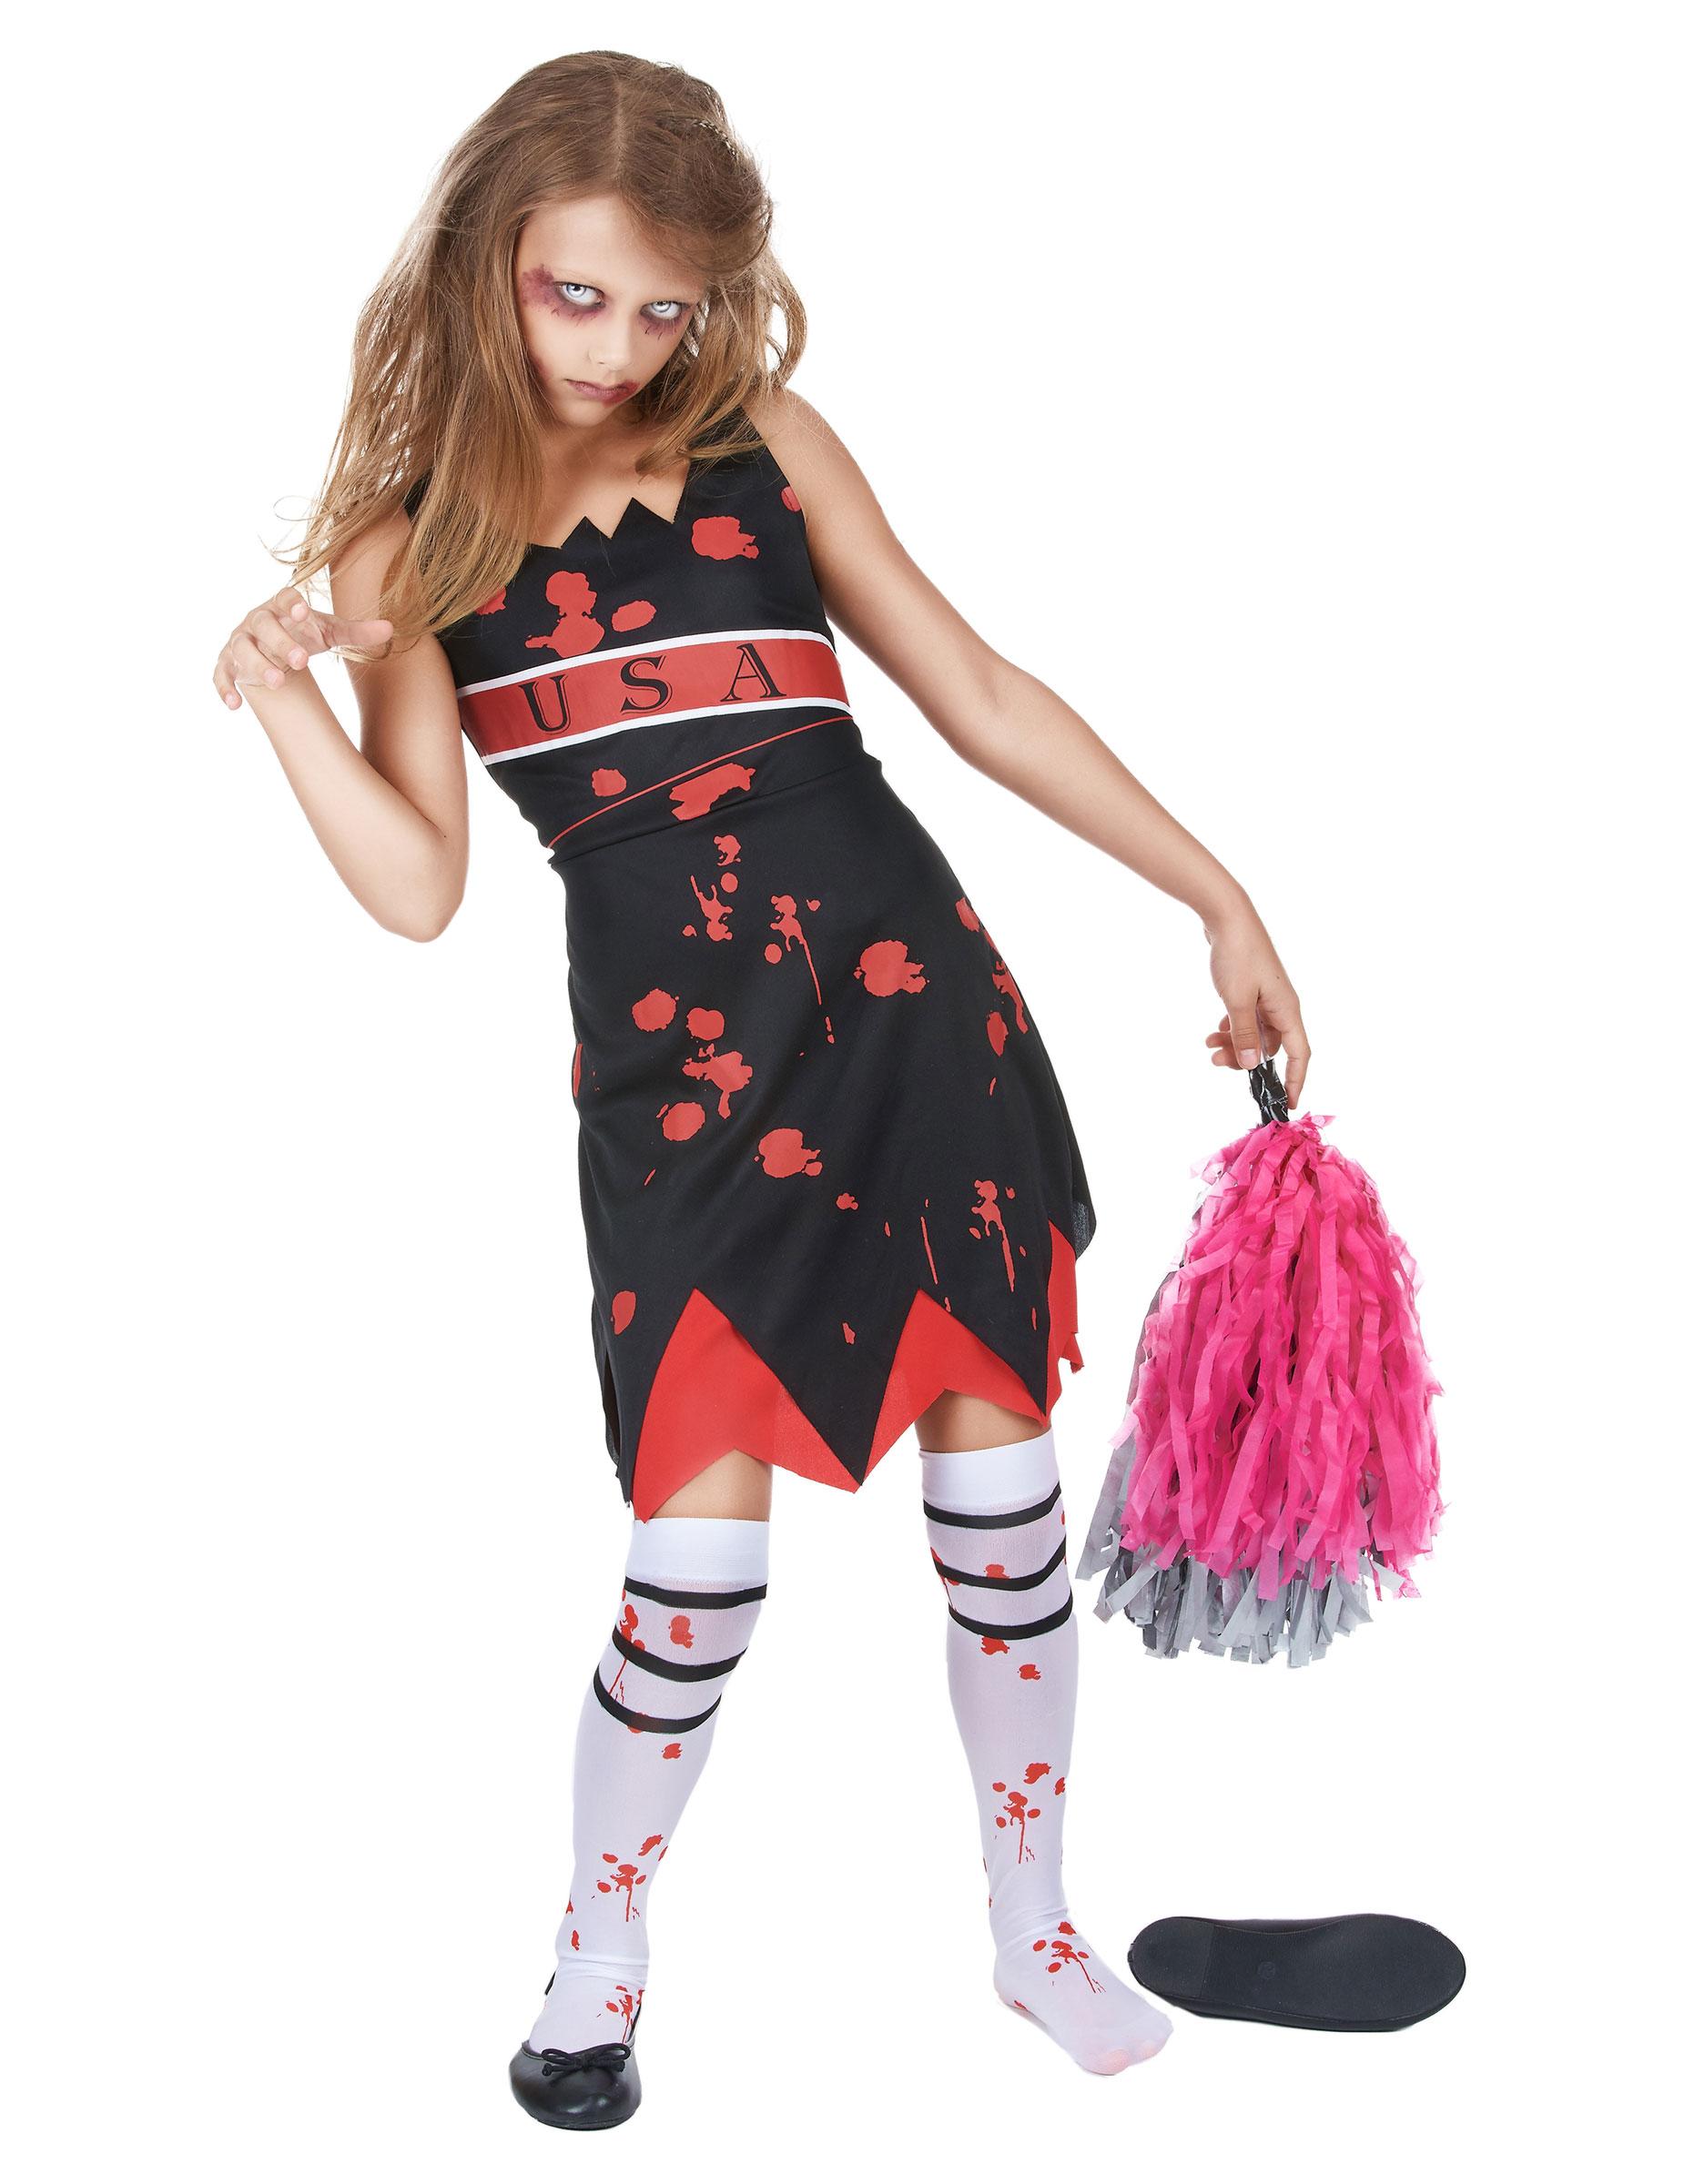 25a2b145f78b79 Kostüme für Kinder Zombies & Mumien Mädchen, günstige Verkleidungen ...